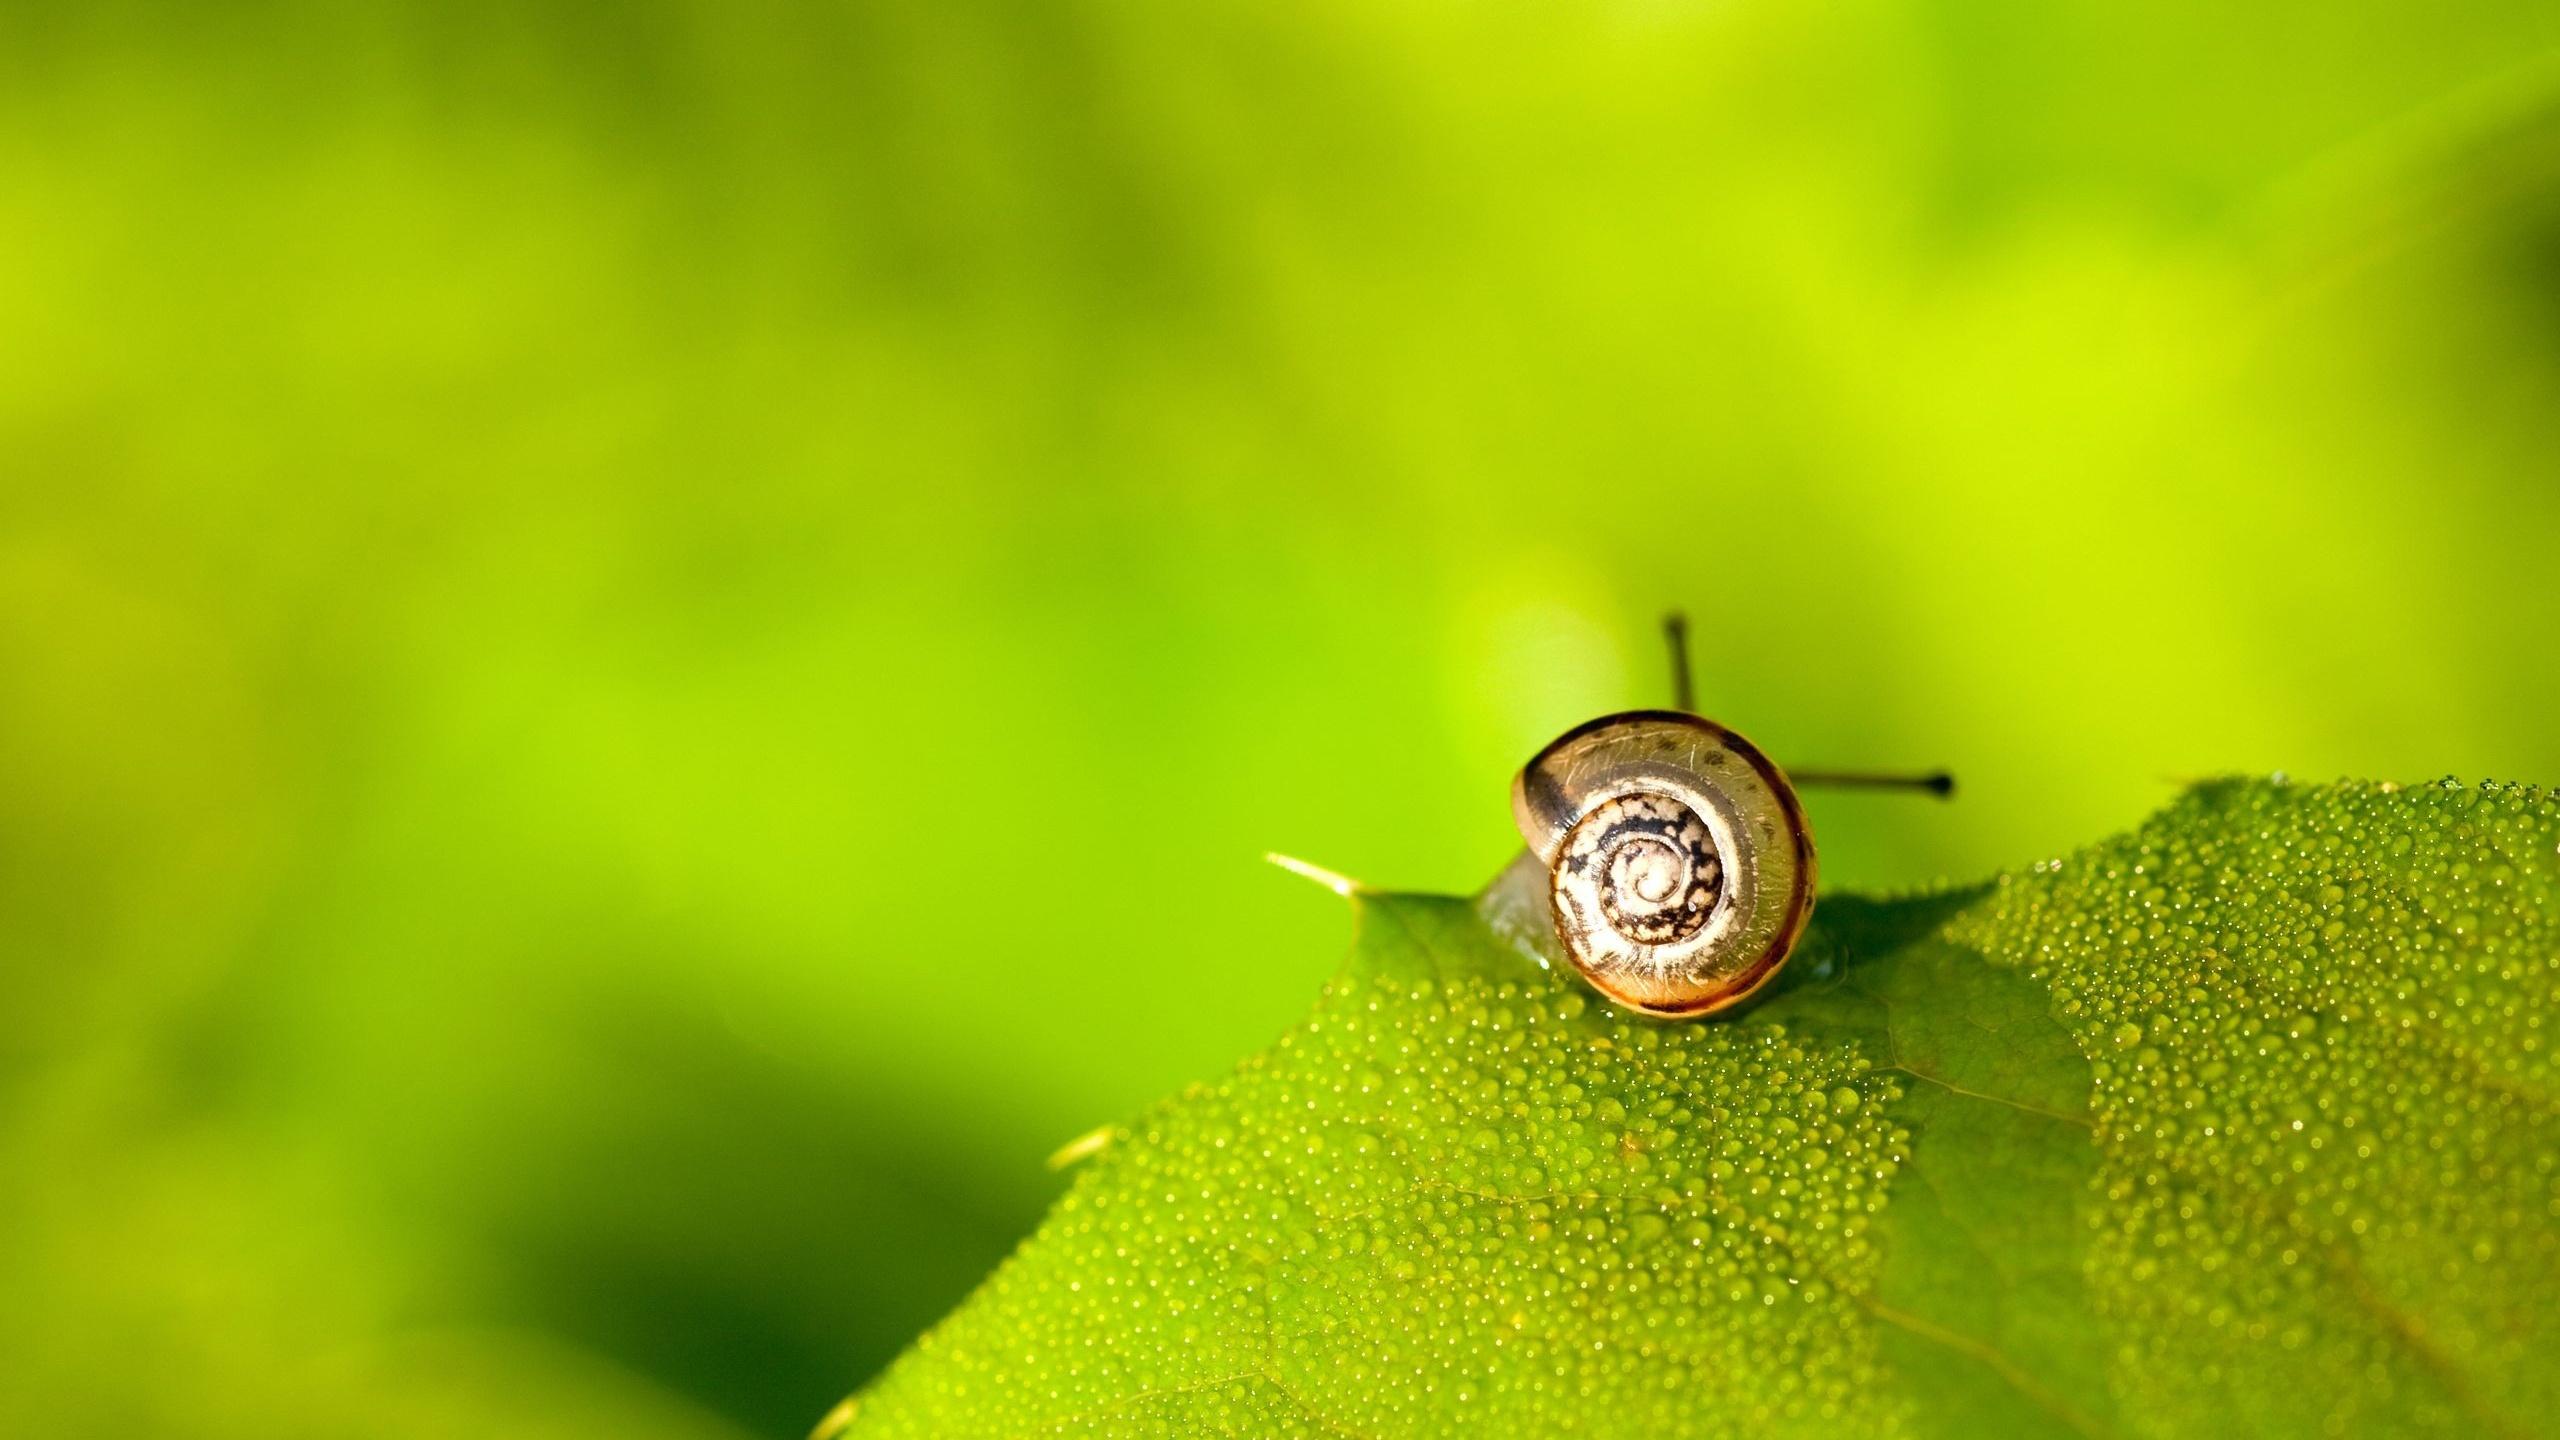 Cool Snail Wallpaper 35683 1920x1200 px